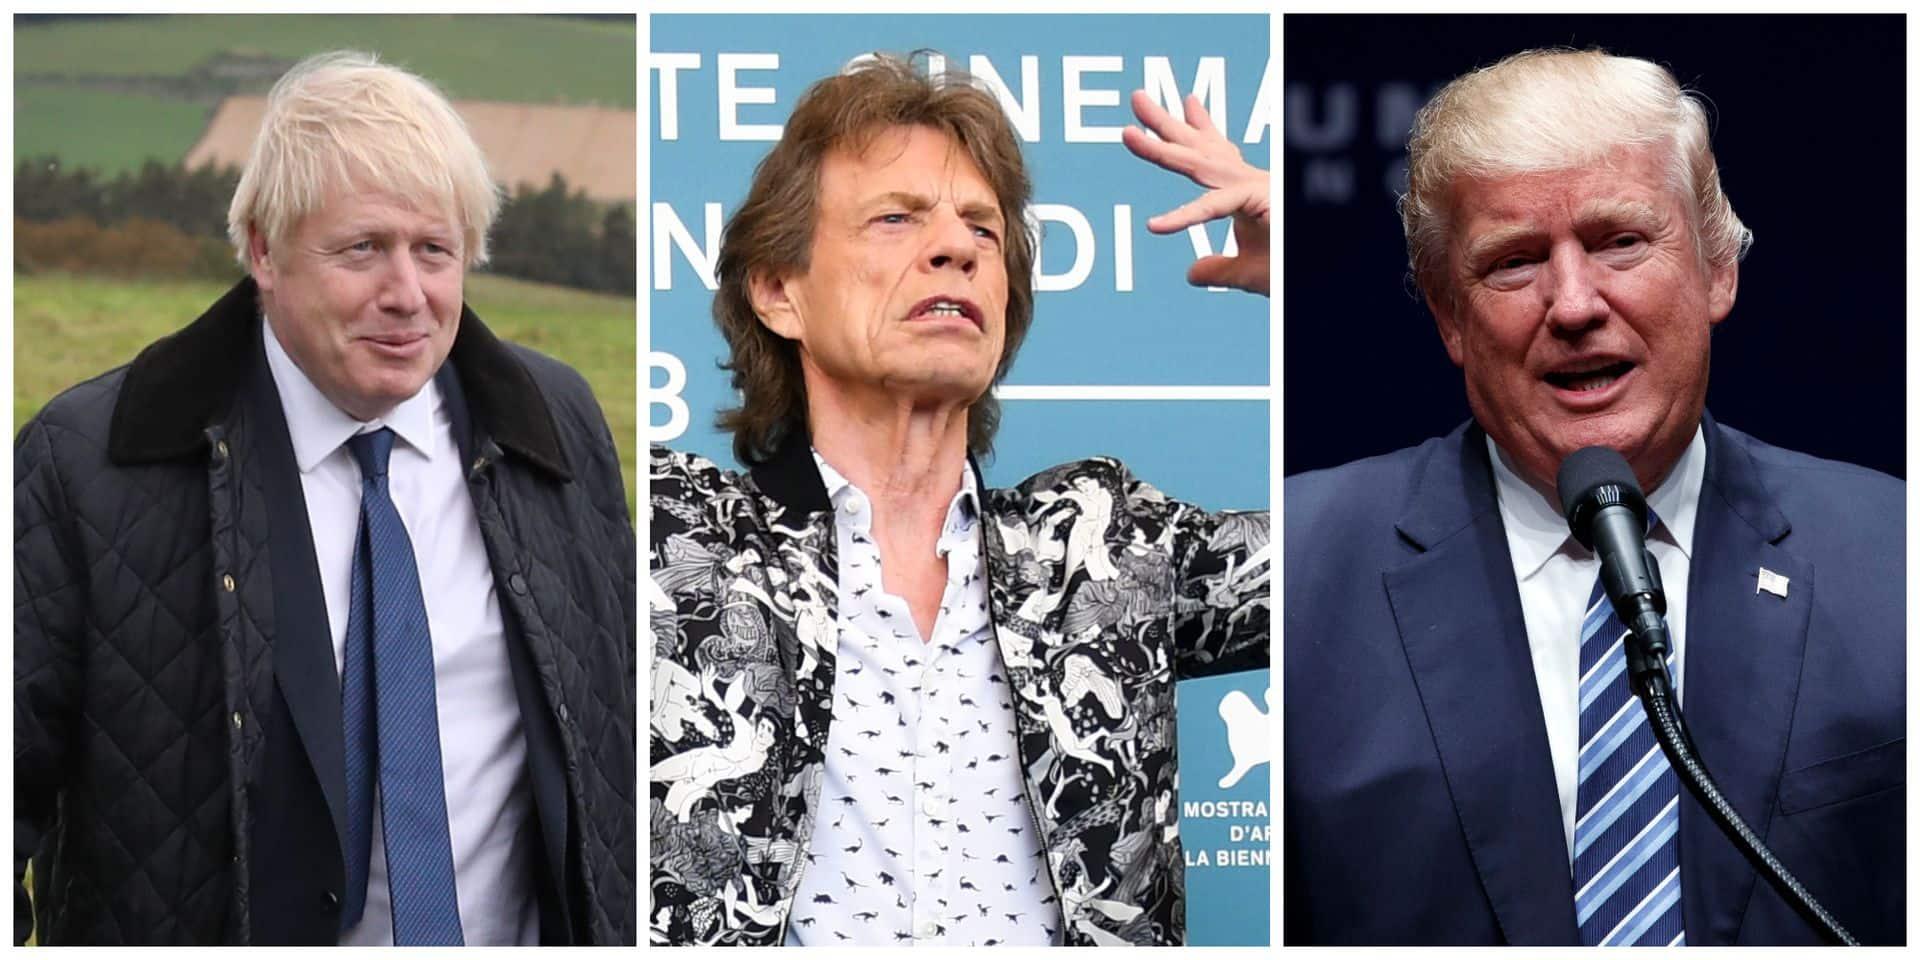 À la Mostra de Venise, Mick Jagger s'en prend à Trump et à Johnson